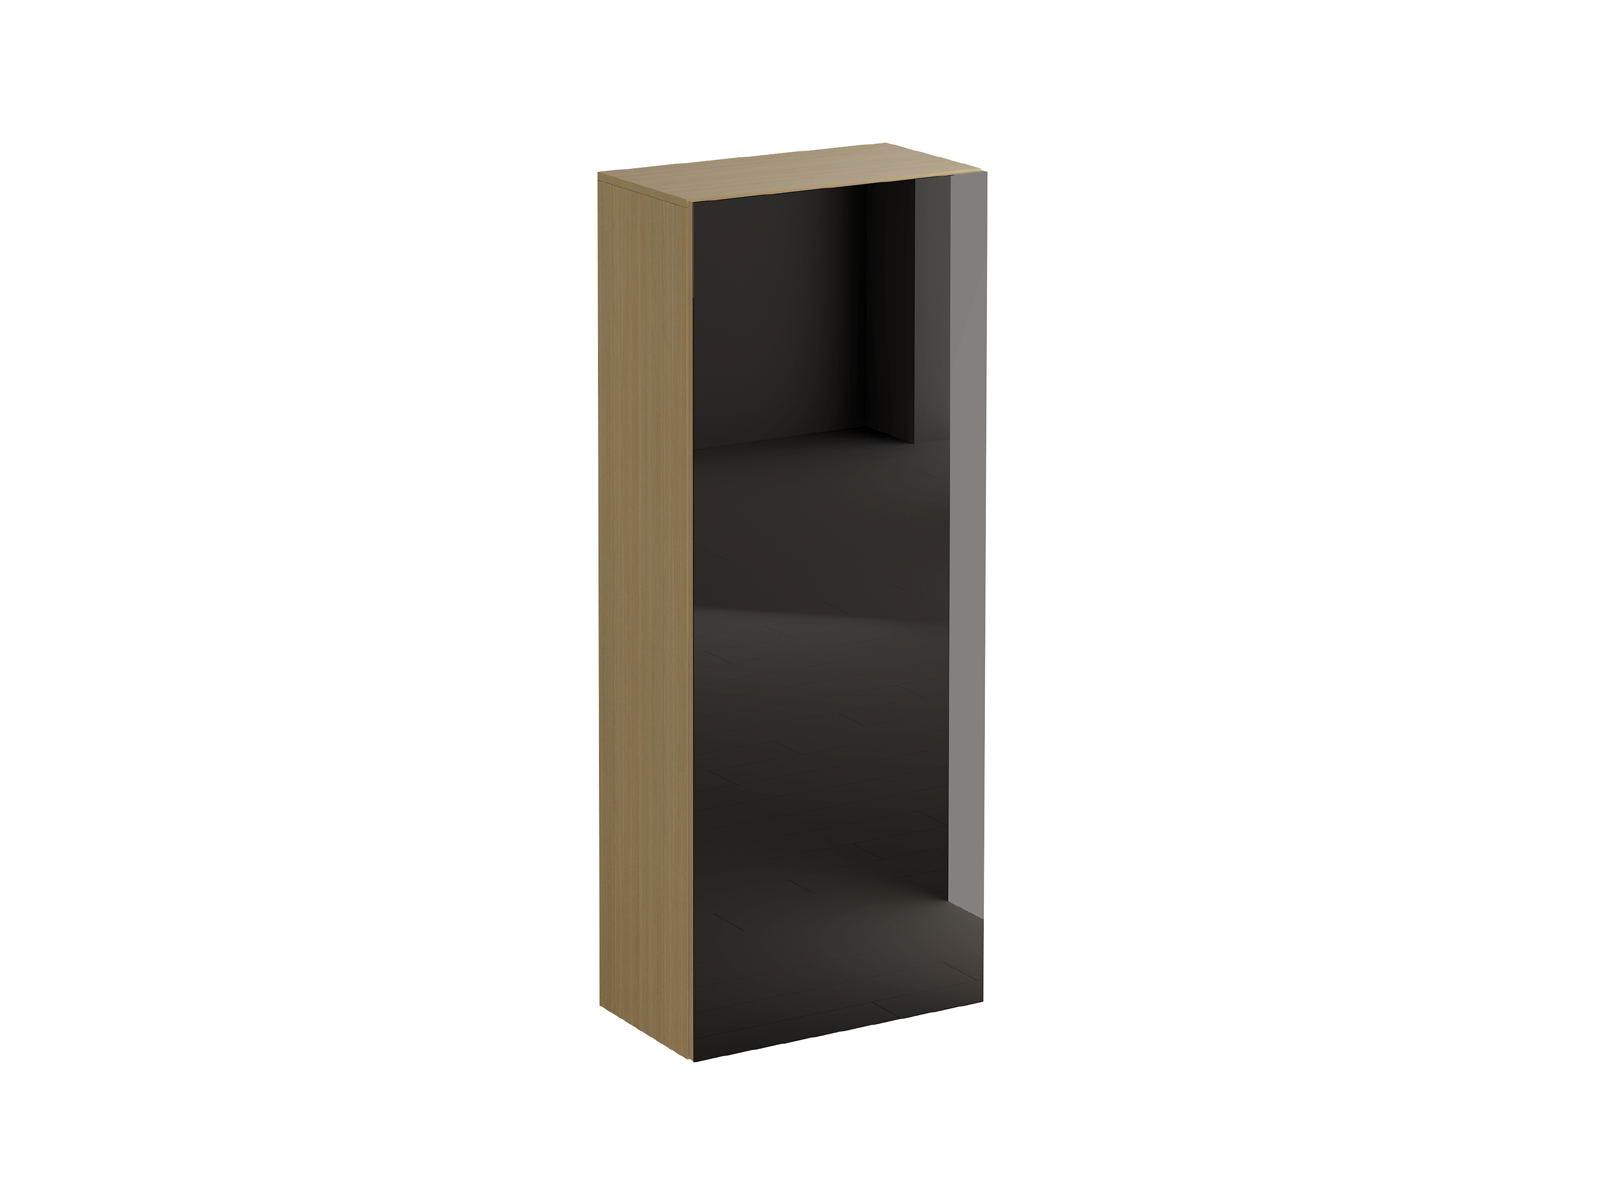 Шкаф для одежды GustoПлатяные шкафы<br>&amp;lt;div&amp;gt;Шкаф имеет два отделения. Верхняя стационарная полка образует отделение для хранения головных уборов. В нижнем отделении установлена выдвижная штанга для хранения верхней одежды. Распашная дверь открывается по принципу «нажал-открыл».&amp;lt;/div&amp;gt;&amp;lt;div&amp;gt;&amp;lt;br&amp;gt;&amp;lt;/div&amp;gt;&amp;lt;div&amp;gt;Корпус и фасад: ЛДСП 16 мм.&amp;lt;/div&amp;gt;&amp;lt;div&amp;gt;Задняя стенка: ДВПО 3 мм.&amp;lt;/div&amp;gt;&amp;lt;div&amp;gt;Стекло на фасадах: полированное толщиной 4мм, окрашенное эмалью.&amp;lt;/div&amp;gt;<br><br>Material: ДСП<br>Ширина см: 68.0<br>Высота см: 170<br>Глубина см: 38.0